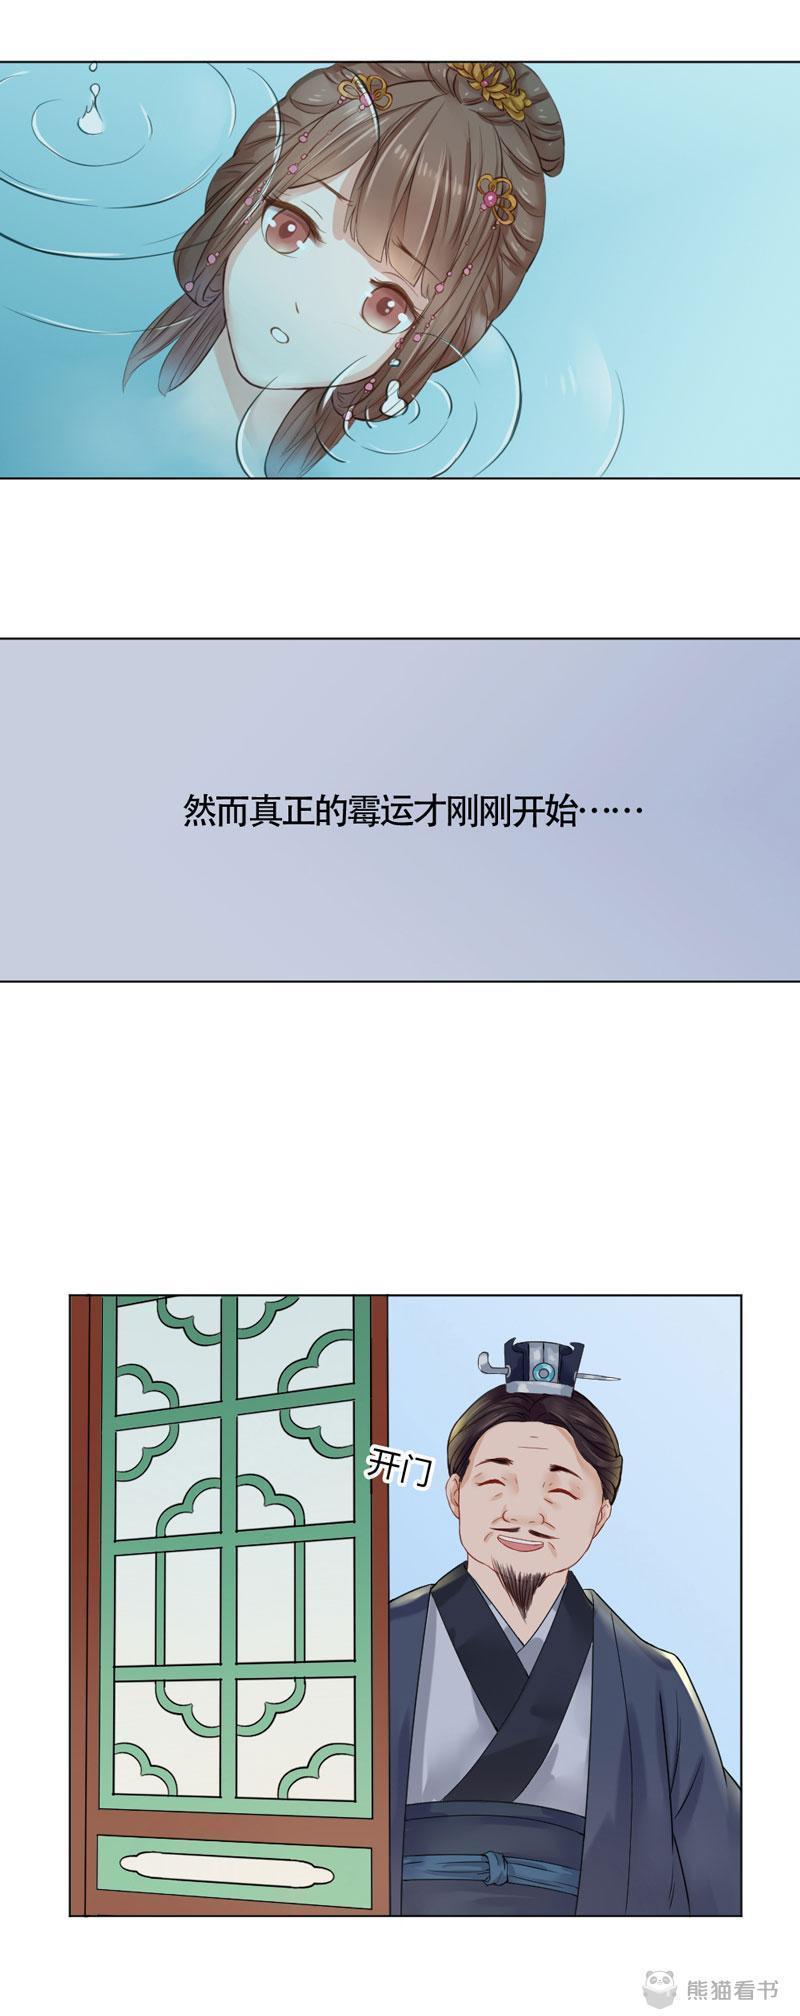 穿越之太子妃威武(不是吧,这太子怎么有这种怪癖~)